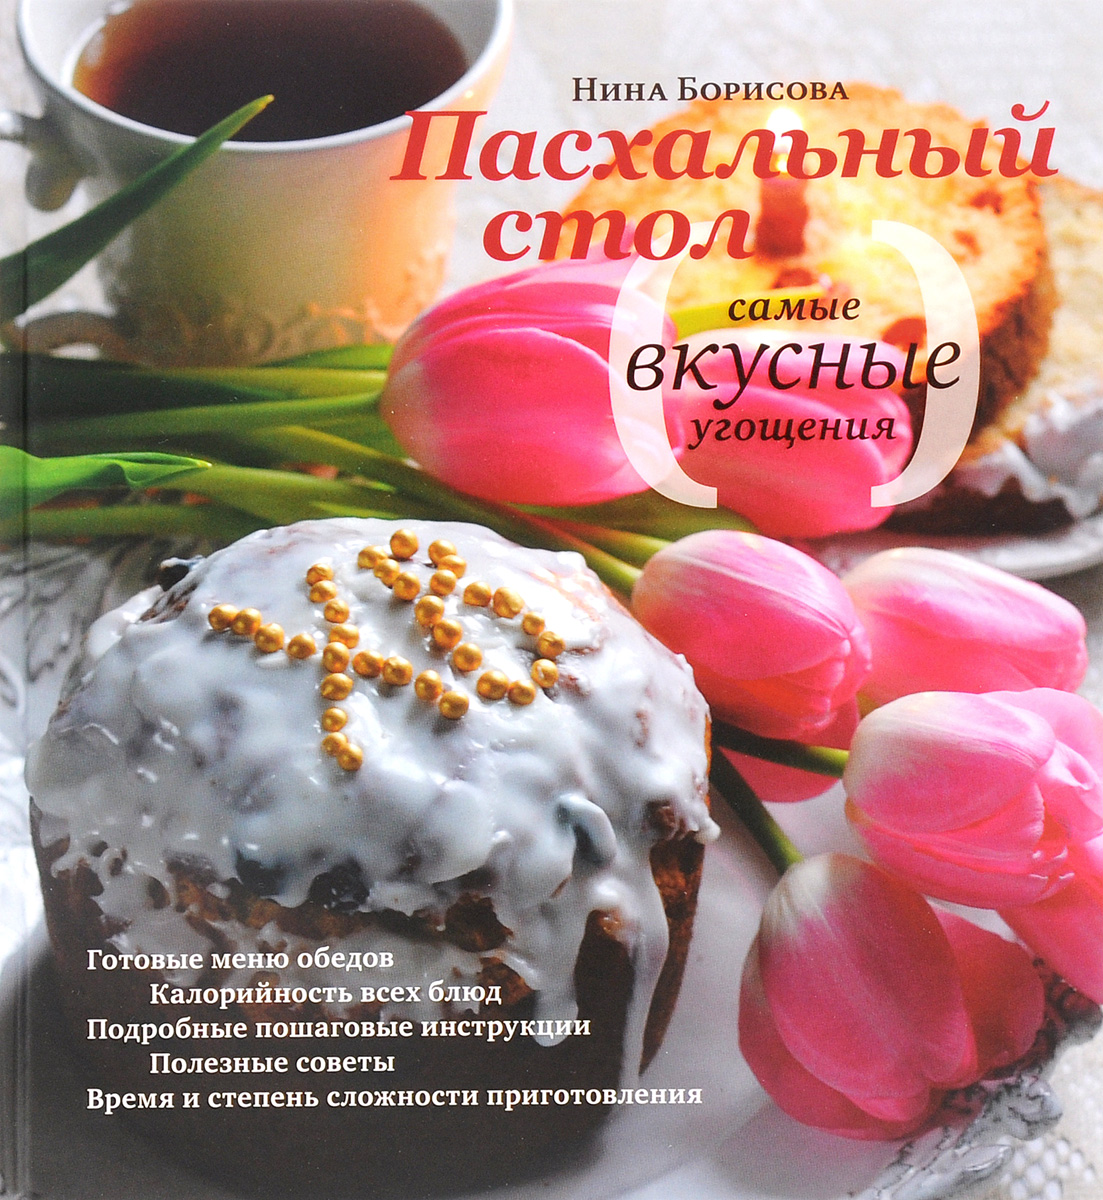 Нина Борисова Пасхальный стол. Самые вкусные угощения. Кулинарные рецепты нина борисова пасхальный стол самые вкусные угощения кулинарные рецепты